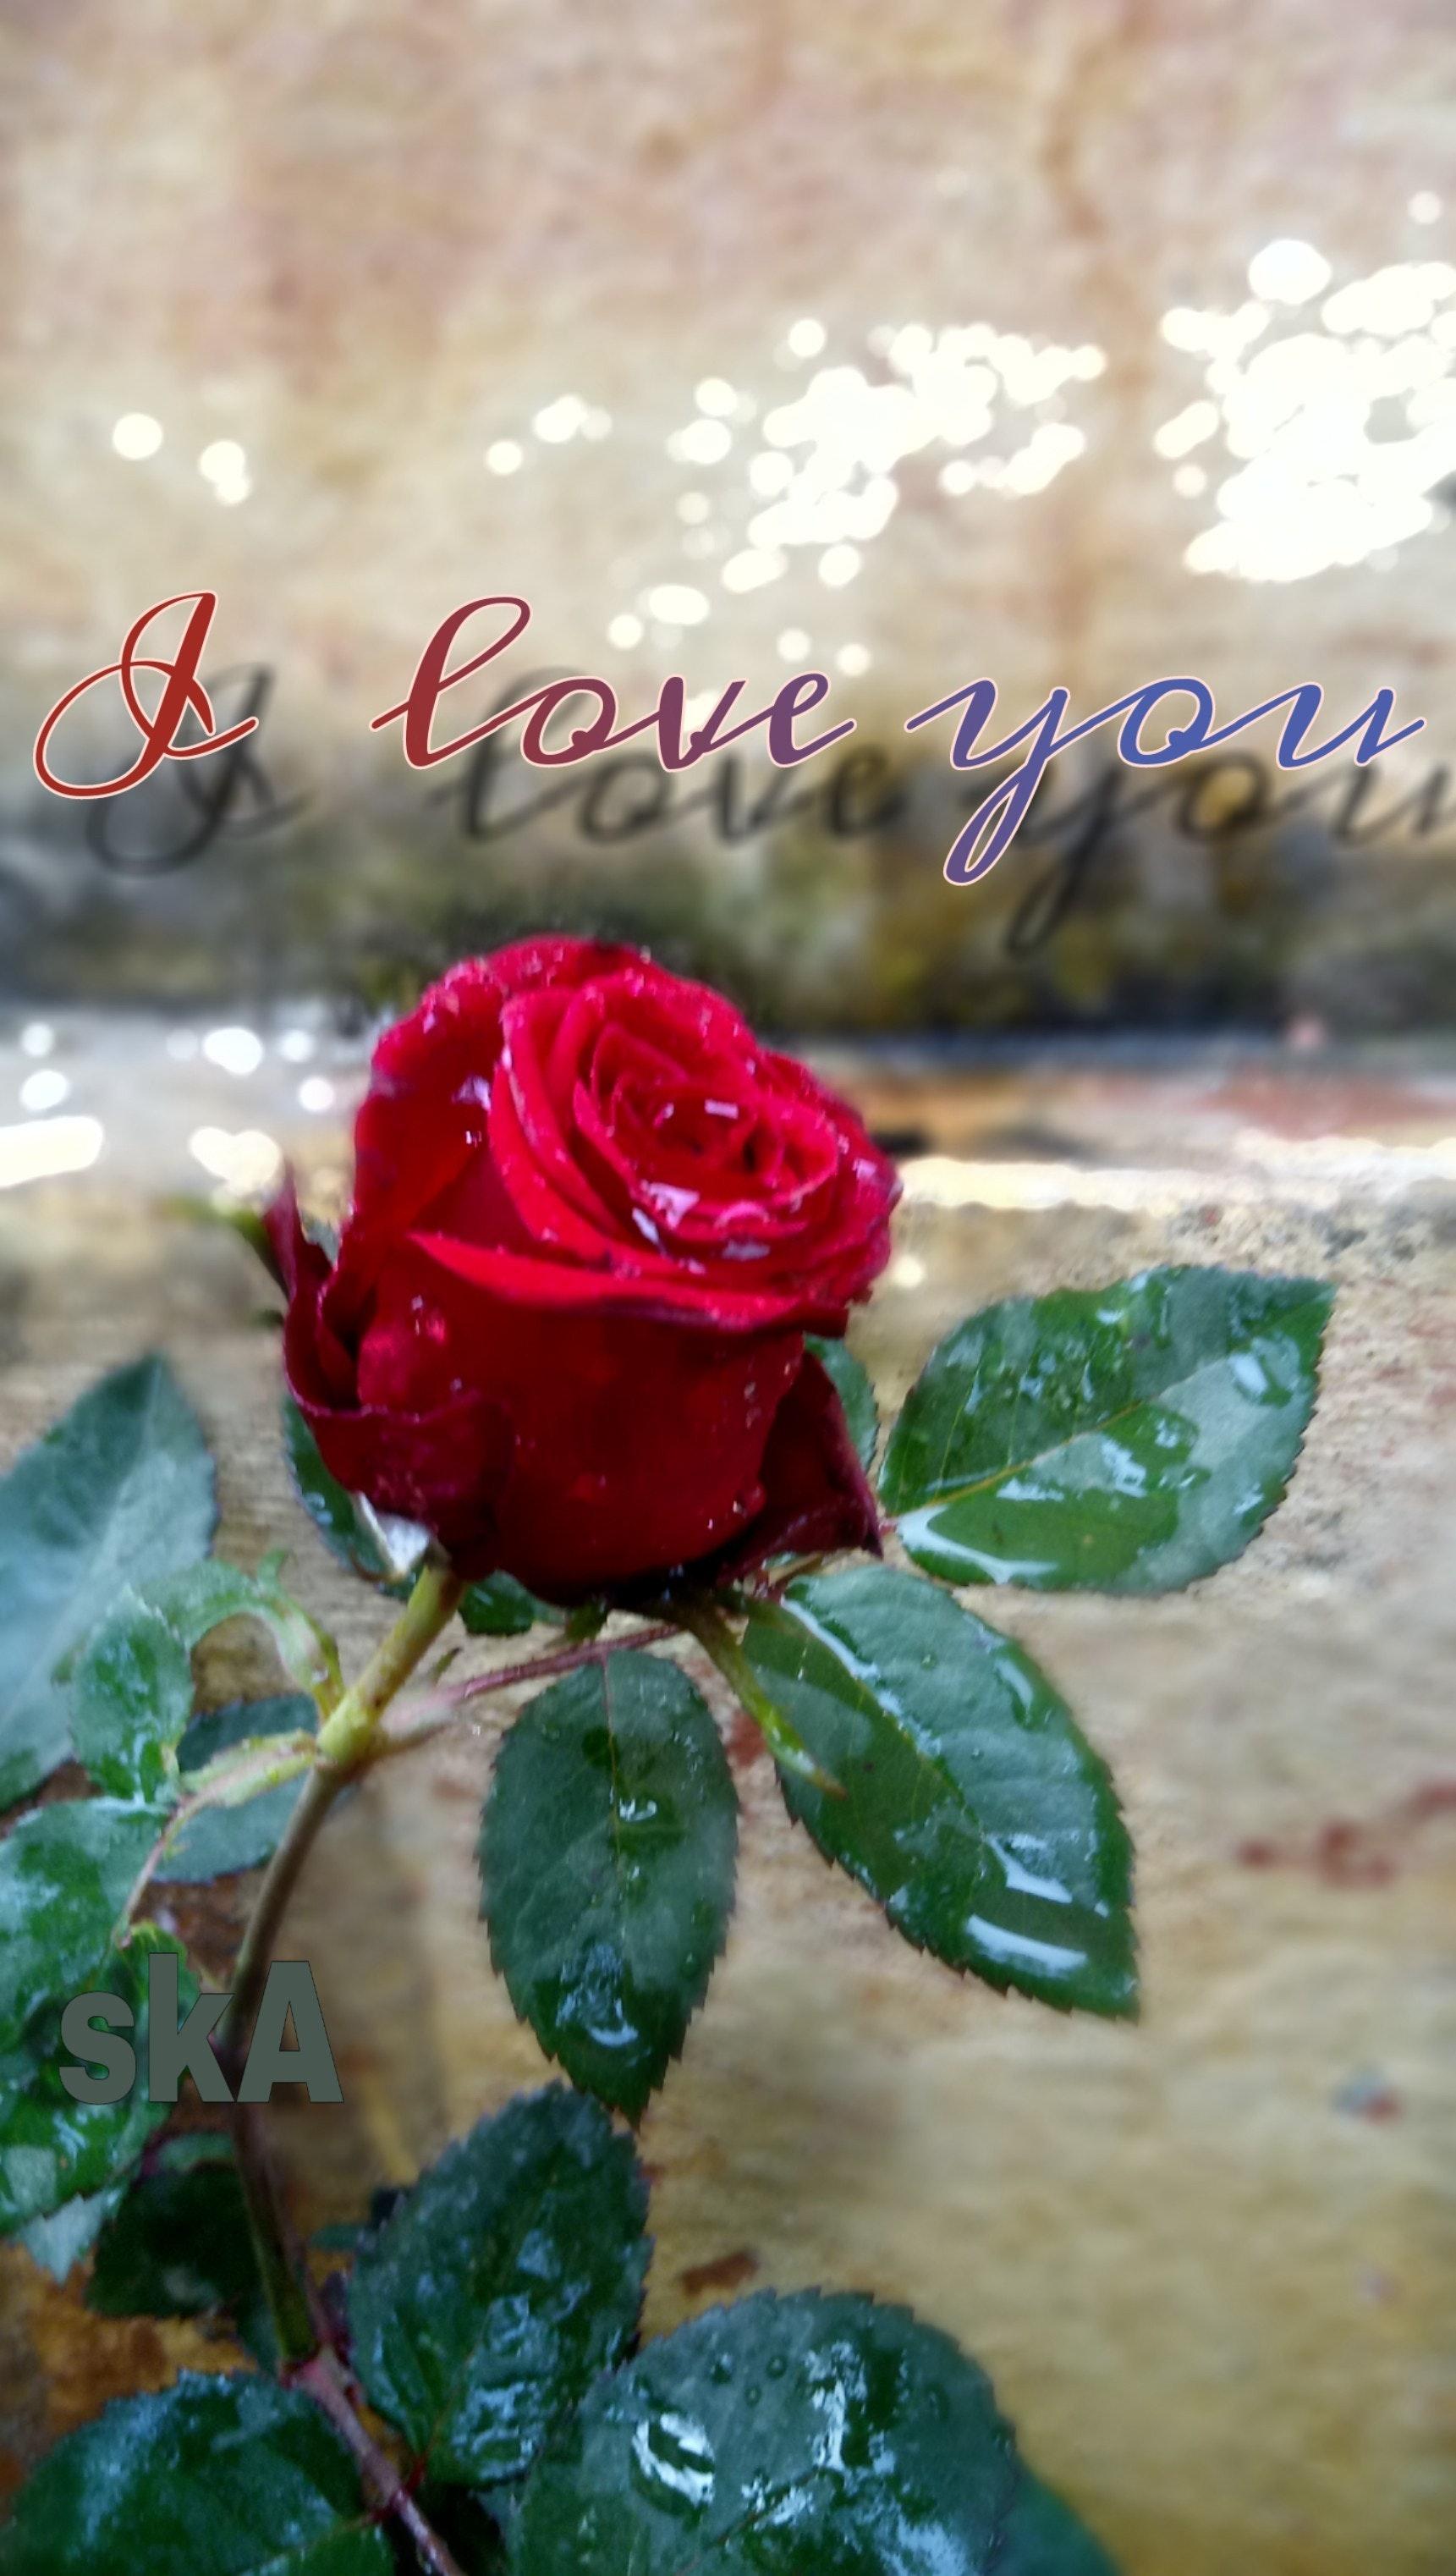 Kostenloses Foto Zum Thema Ich Liebe Dich Rote Rose